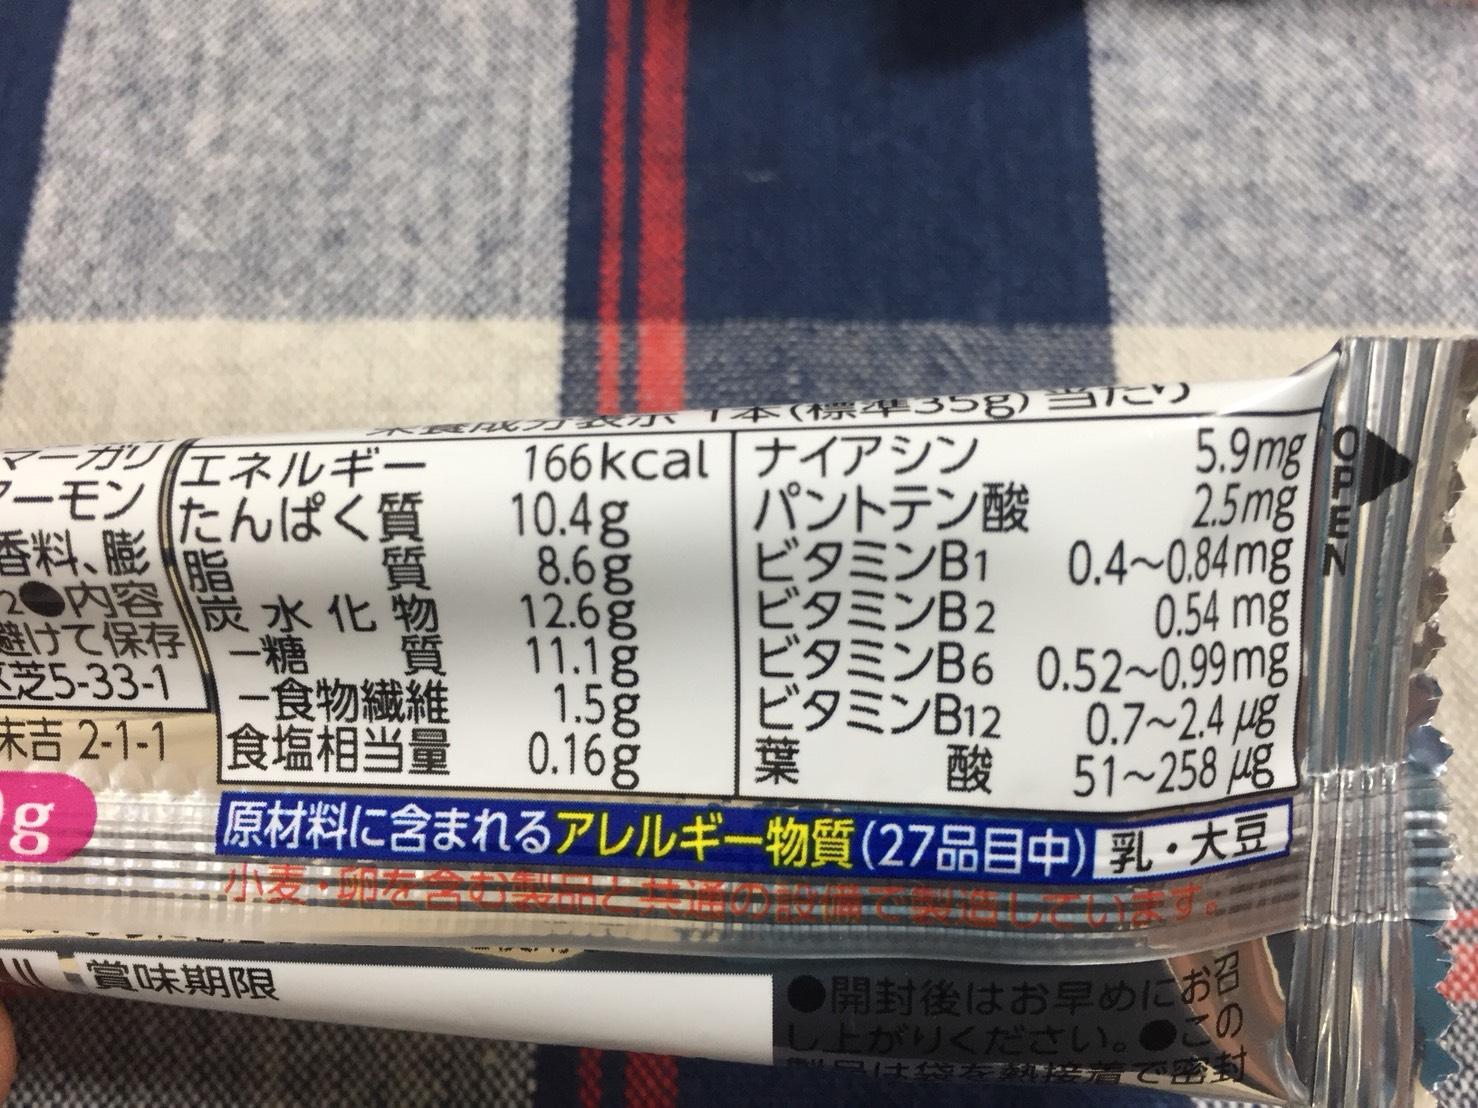 inバー:ベイクドチョコ味の成分表